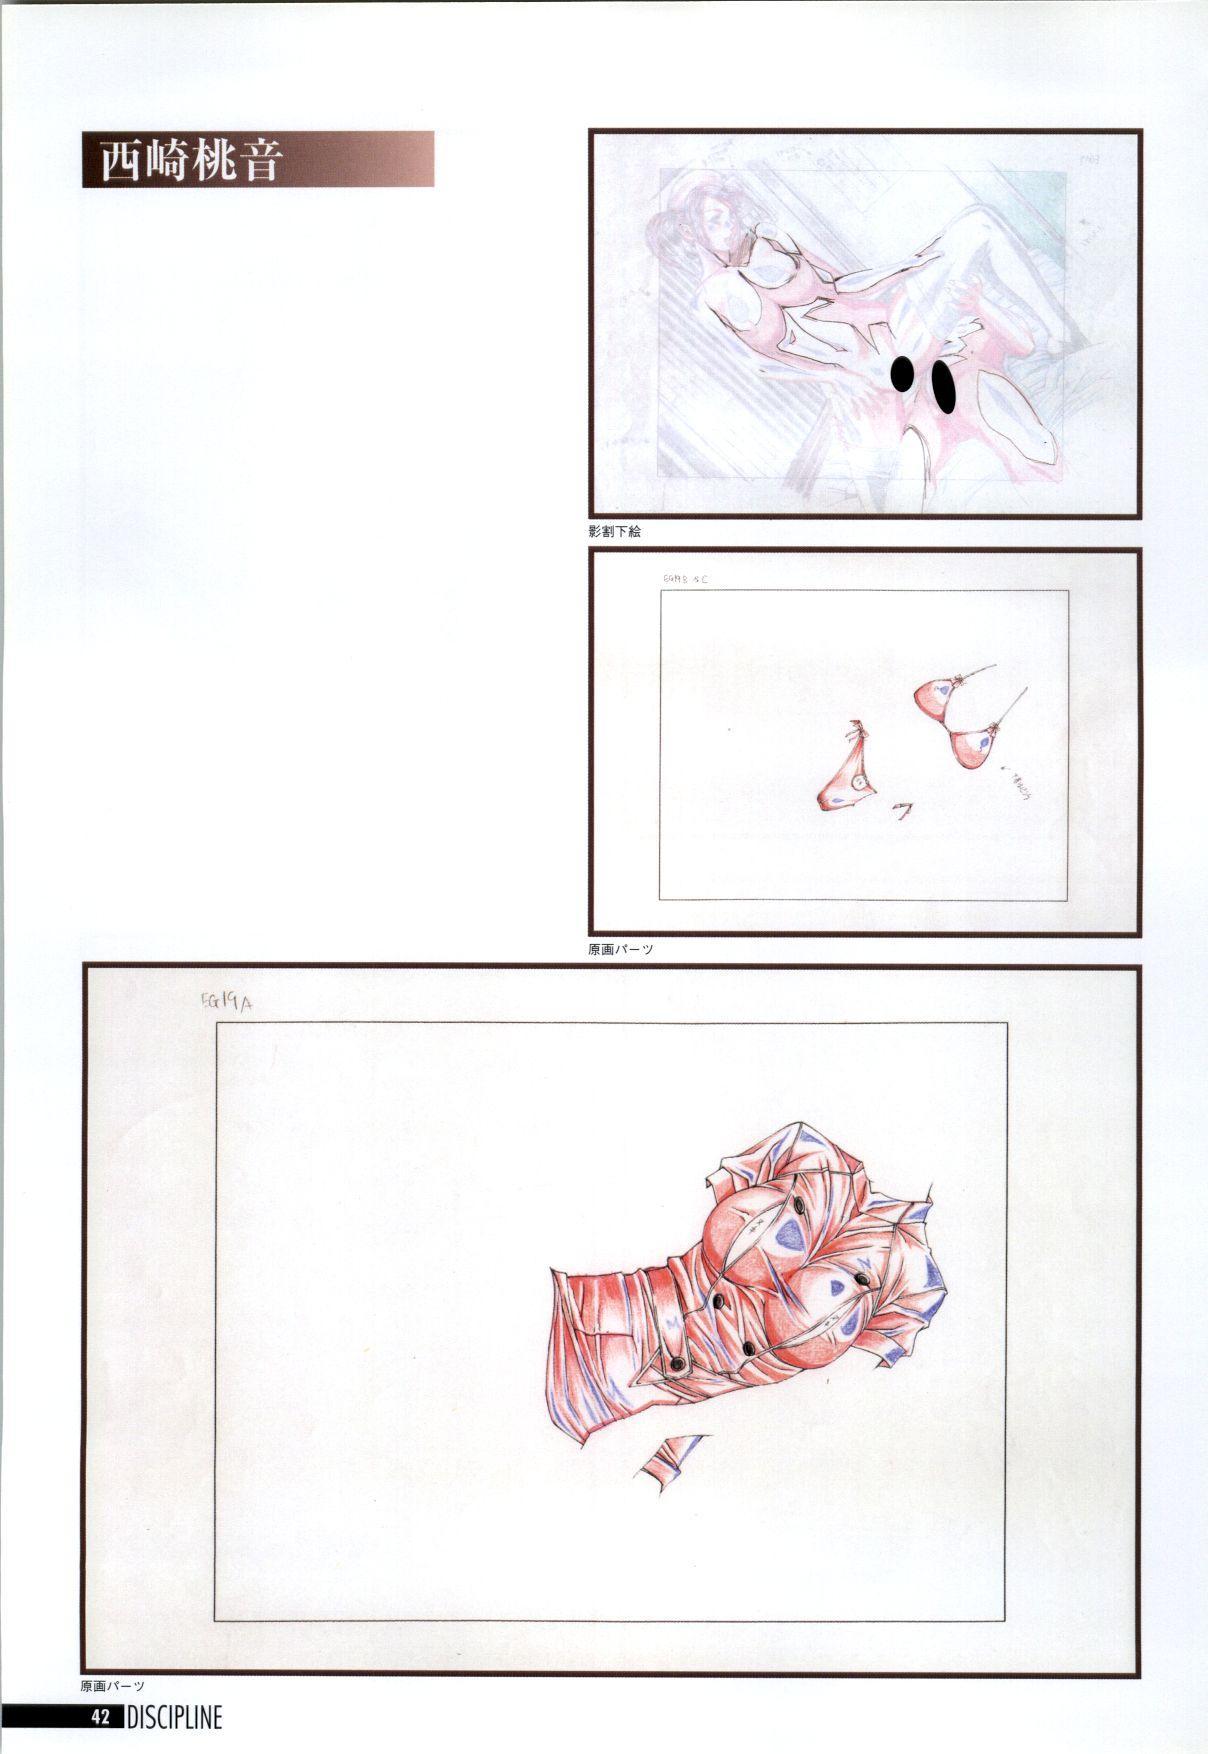 Discipline Artbook 42